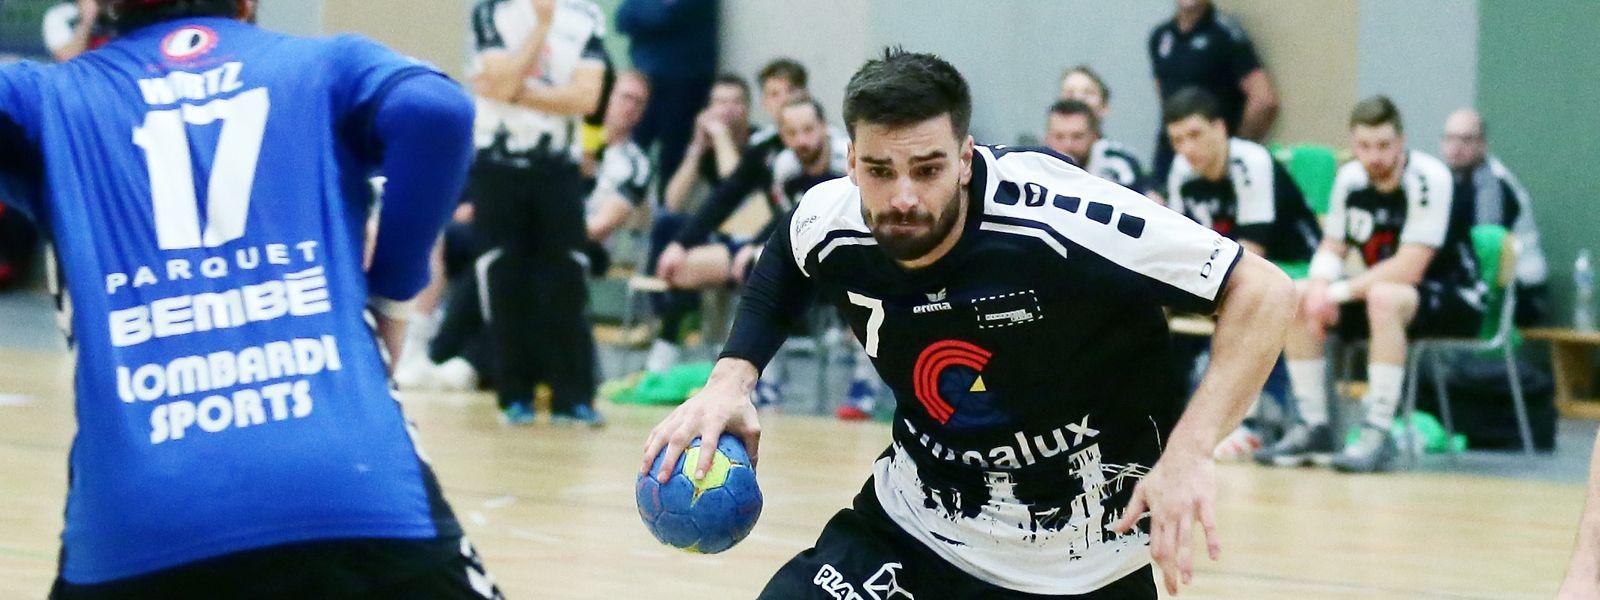 Max Kohl spielte seit 2010 in Esch.